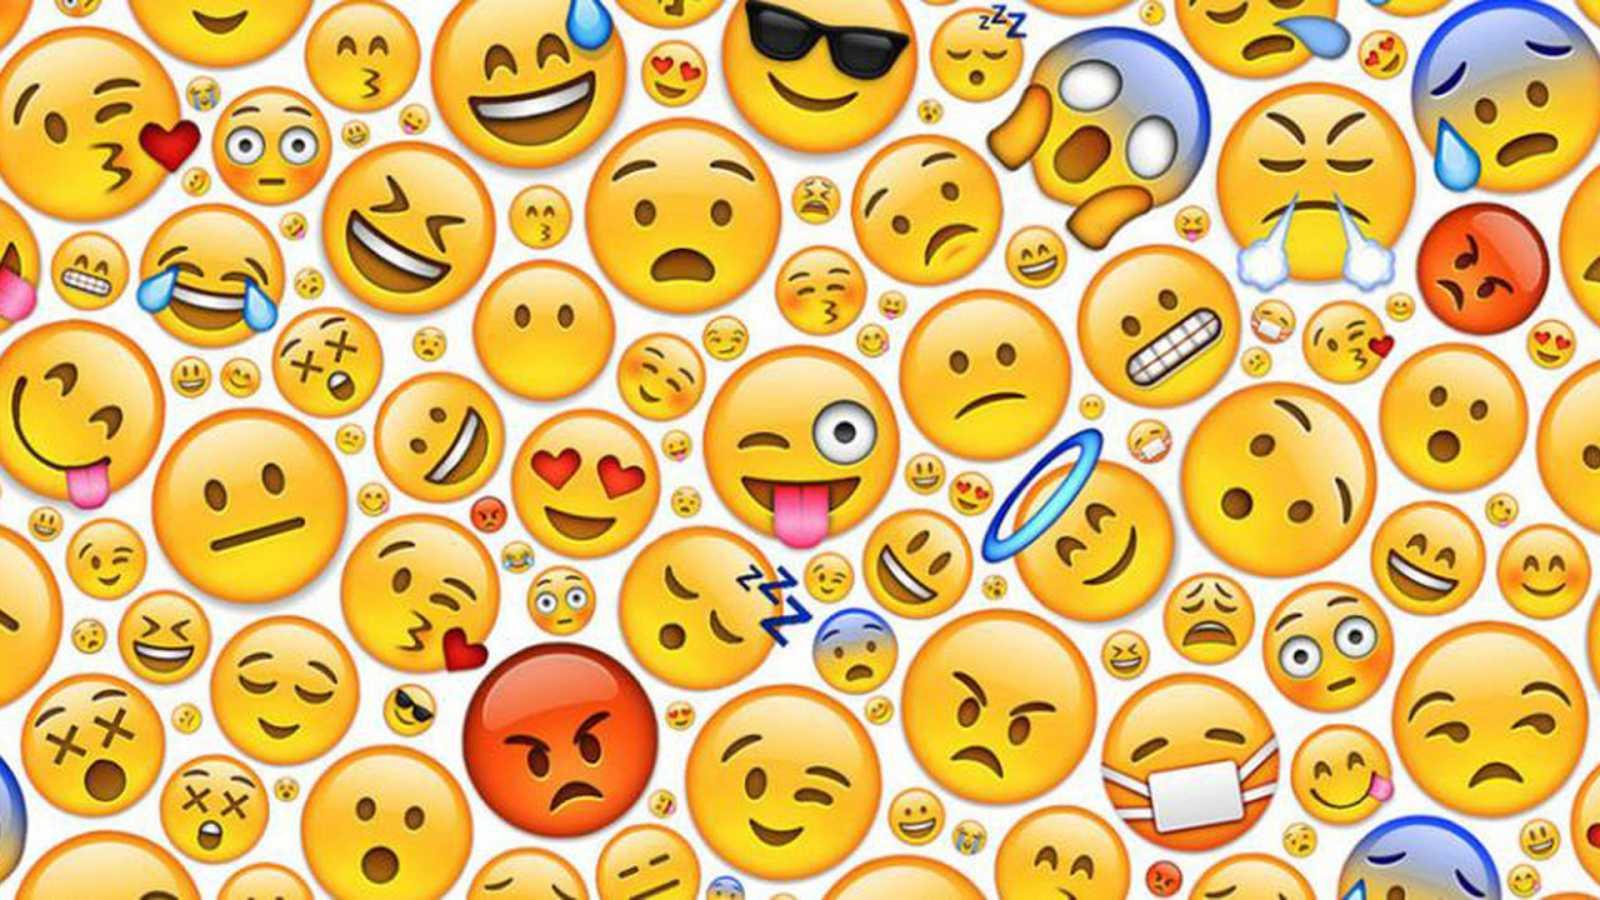 El estudio realizado por Emojipedia indica que cae el uso de emojis positivos en twitter